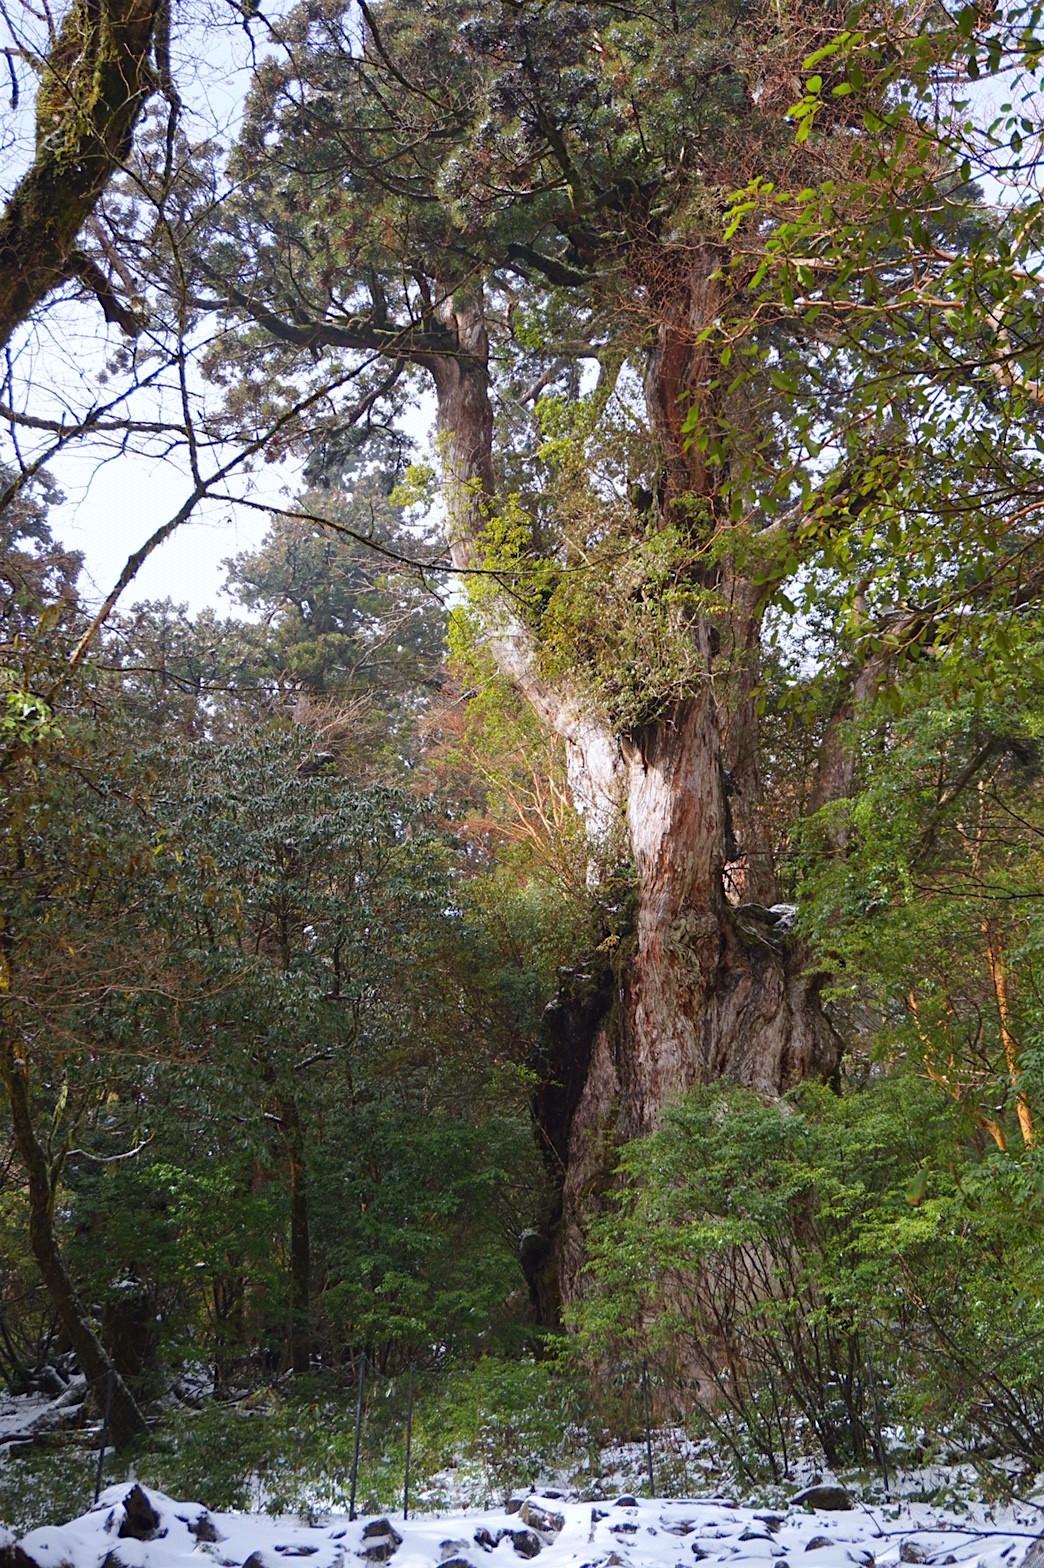 太古の大自然!世界遺産「屋久島」はトレッキングや登山がおすすめ